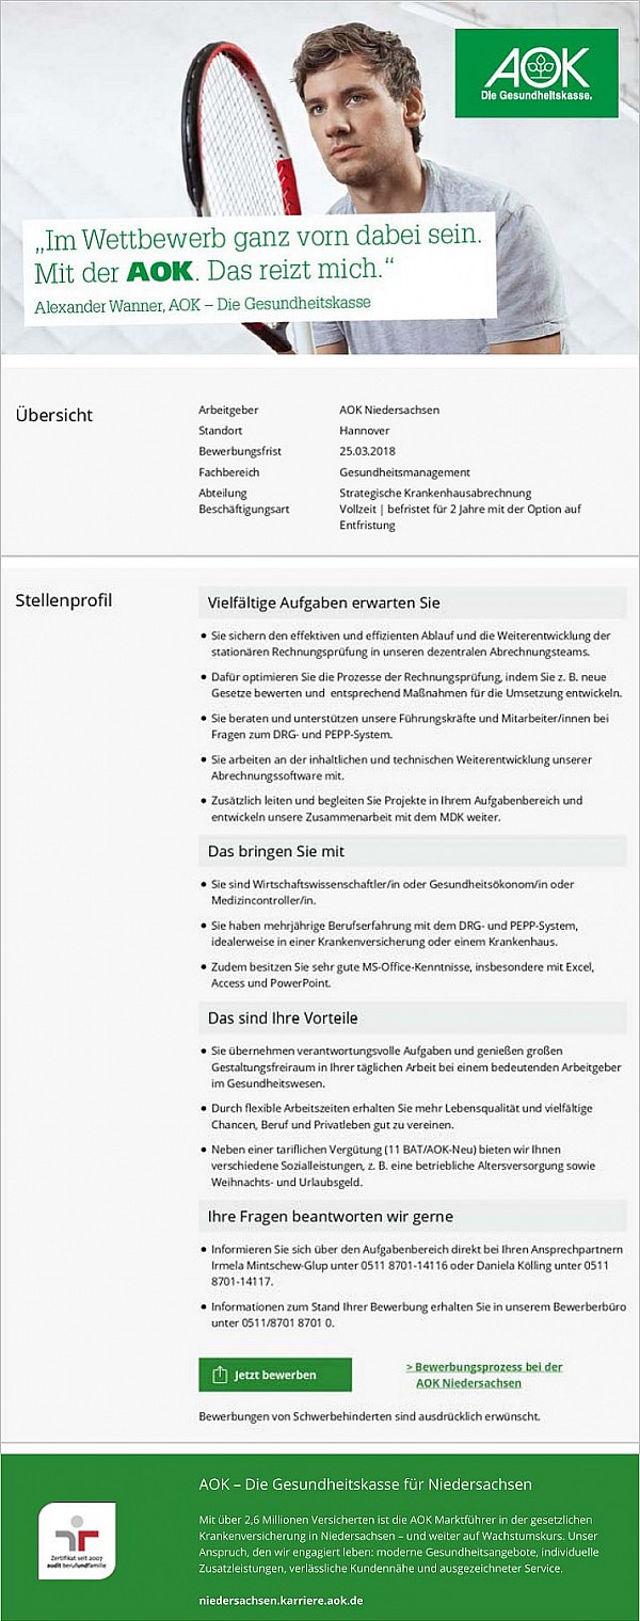 AOK - Die Gesundheitskasse für Niedersachsen, Hannover: Referent Krankenhausabrechnung / Medizincontrolling (m/w)